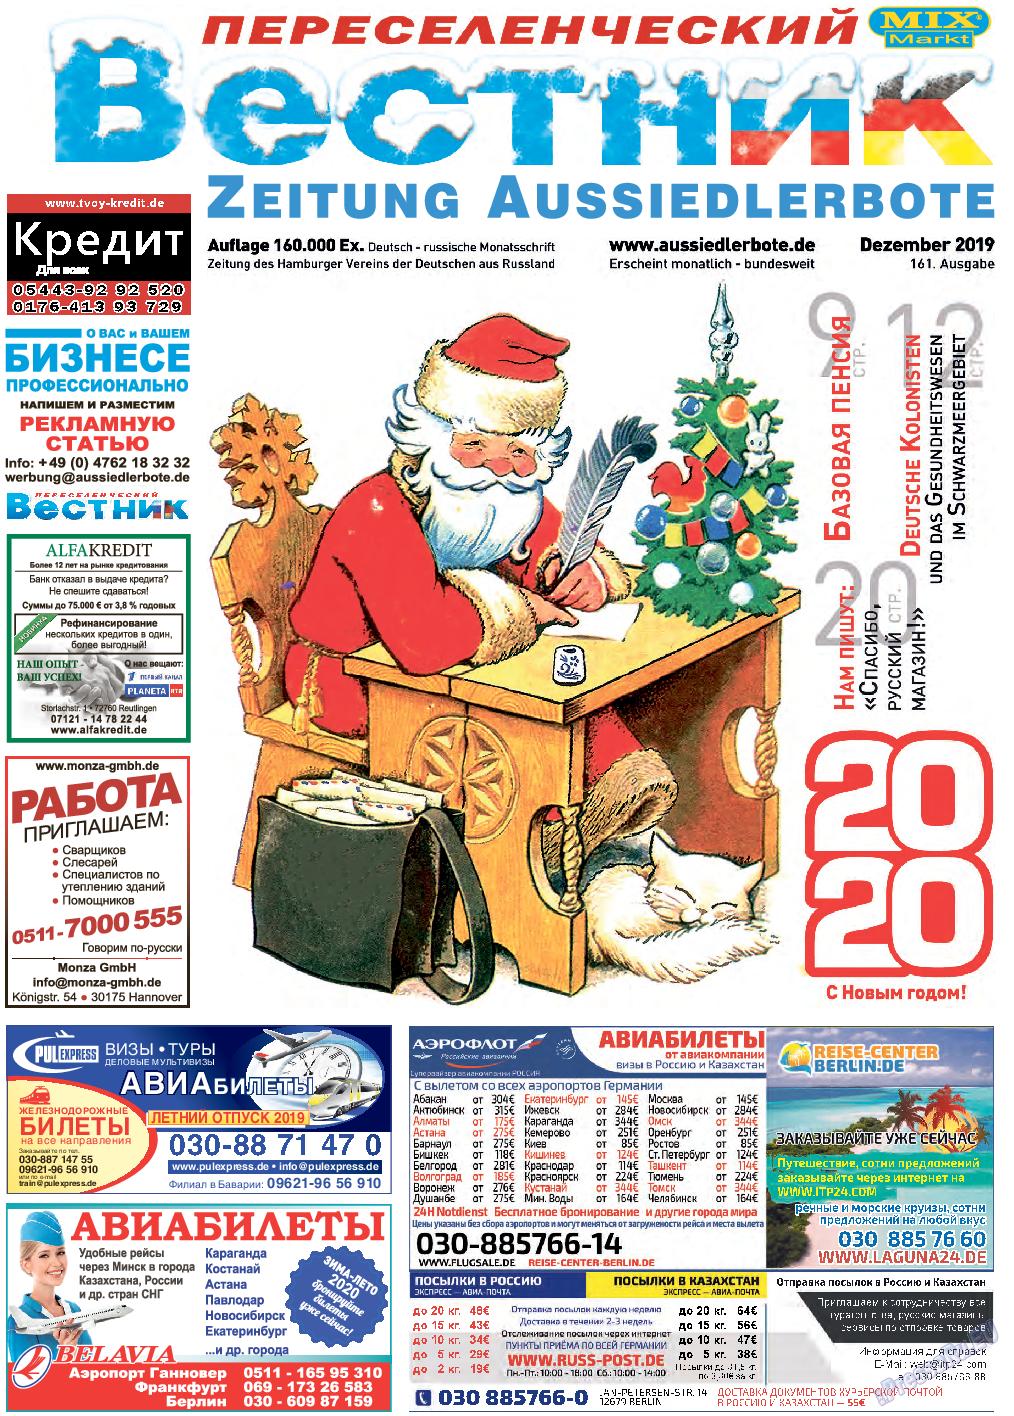 Переселенческий вестник (газета). 2019 год, номер 12, стр. 1